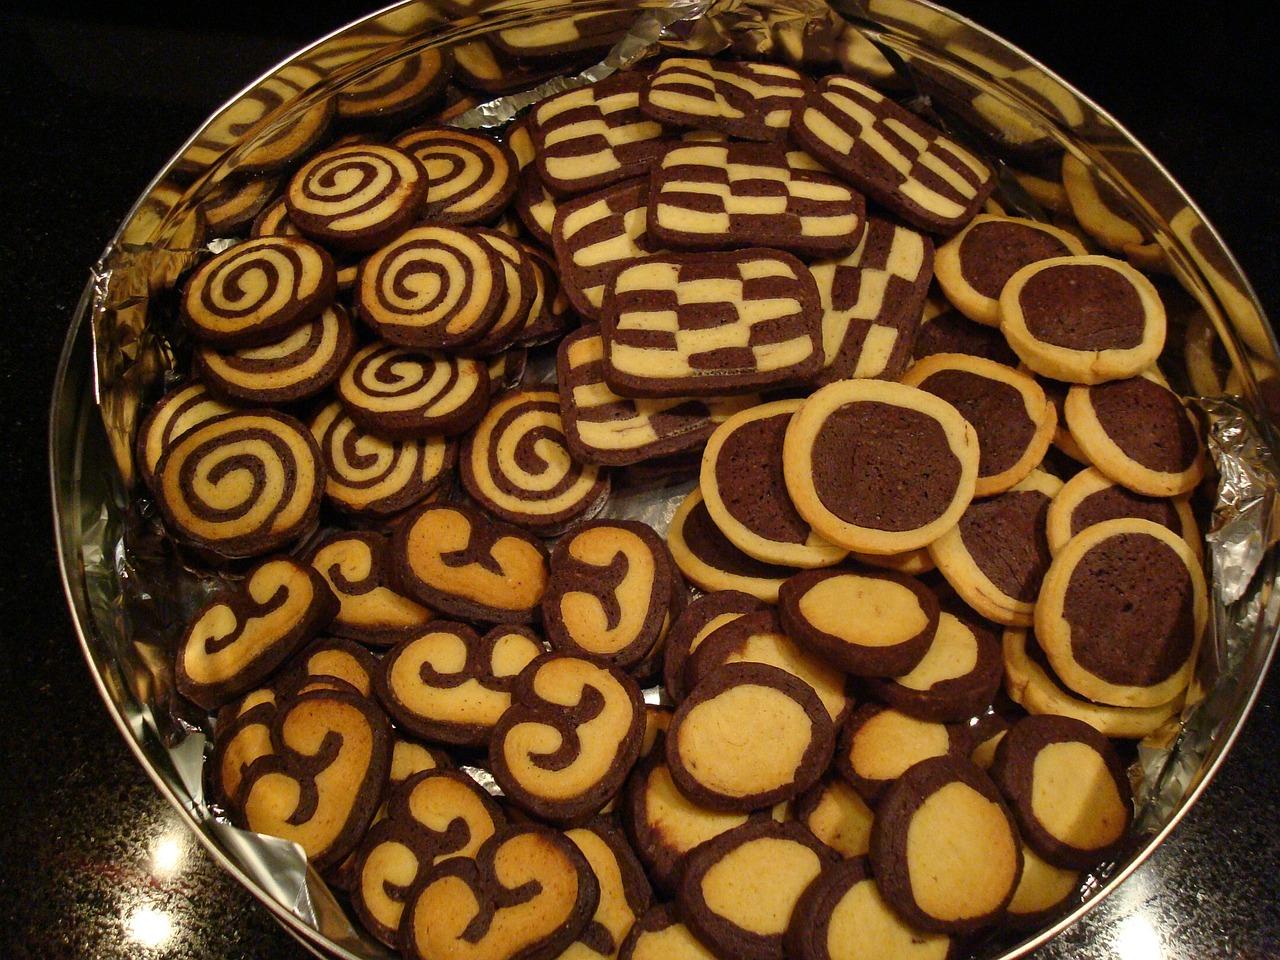 pastries-213646_1280